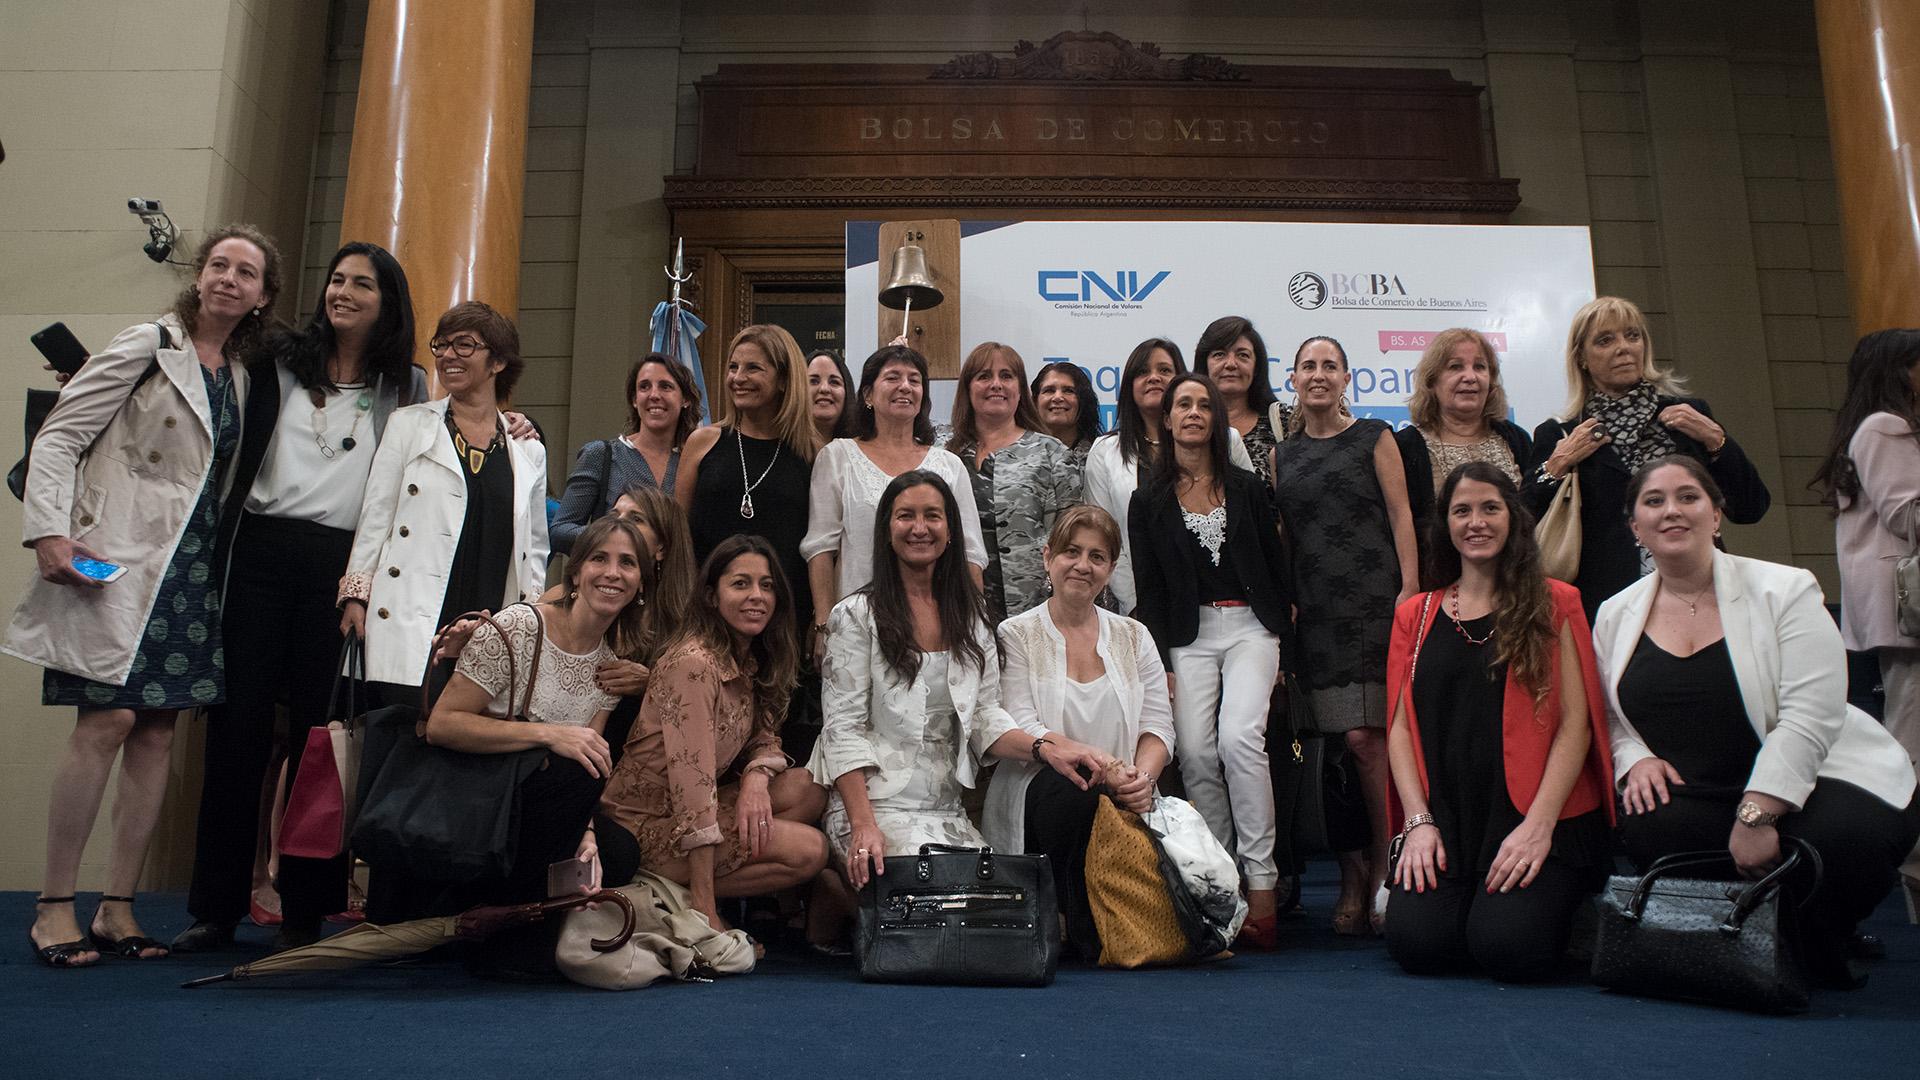 Toque de Campana en la Bolsa, en Celebración del Día Internacional de la Mujer. Participaron empresarias, directoras de ONG y funcionarias del Gobierno nacional y de la Ciudad.